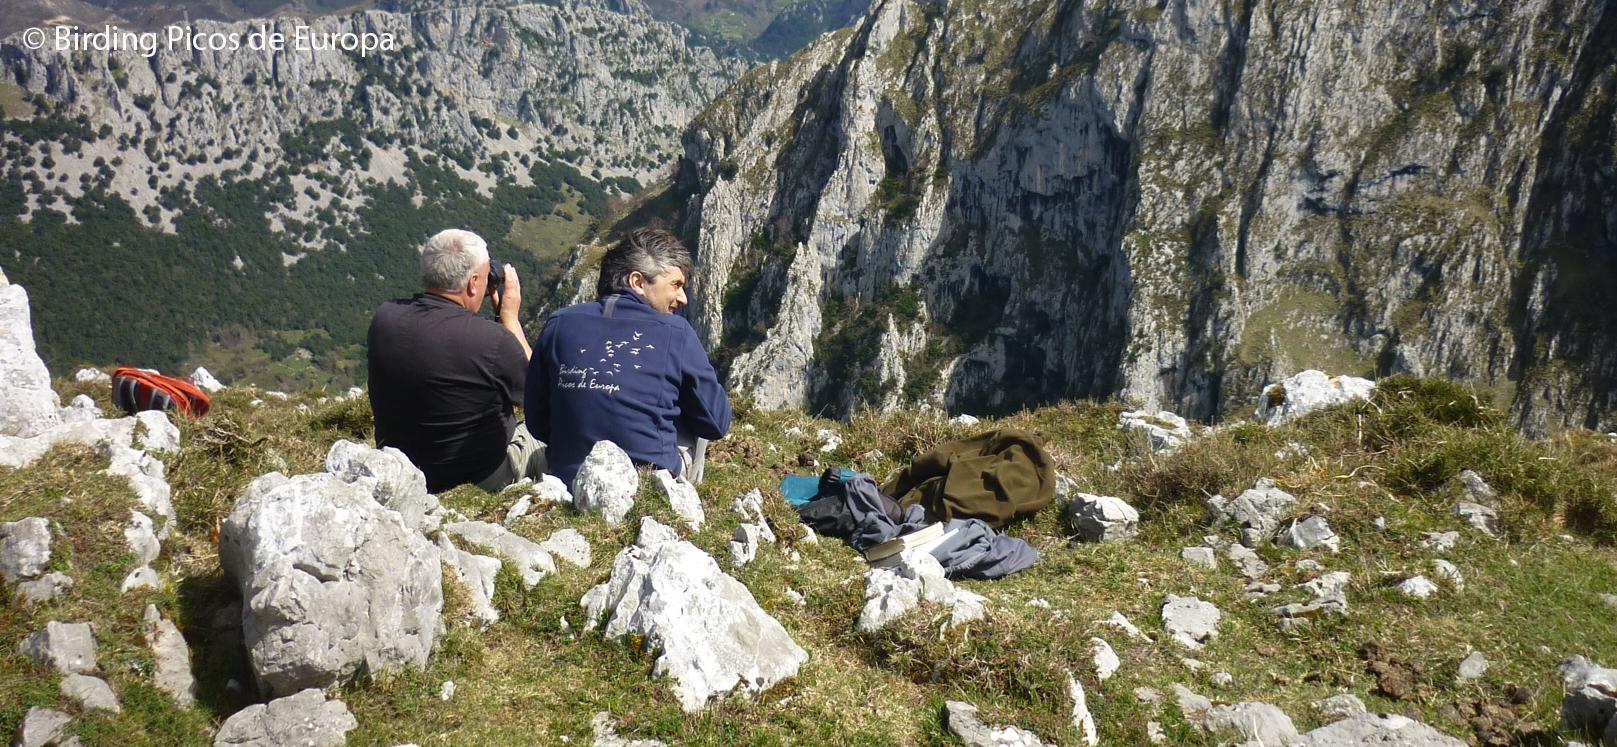 Birding Picos de Europa